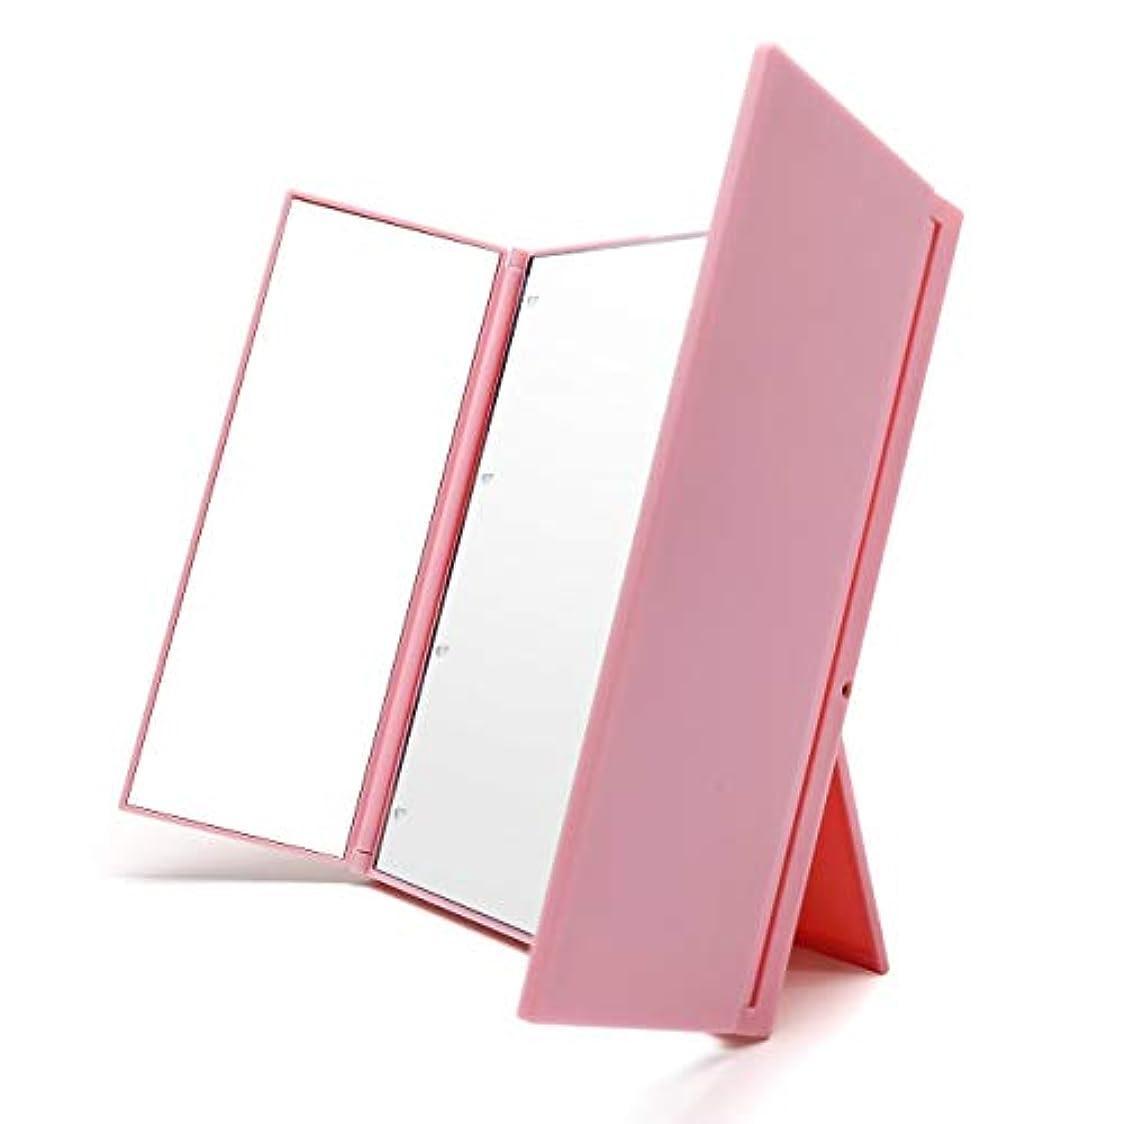 かもしれない汚いハンバーガーVidgoo 鏡 卓上 スタンドミラー LED 化粧鏡 三面鏡 女優ミラー 折り畳み式 電池型 携帯便利(ピンク)